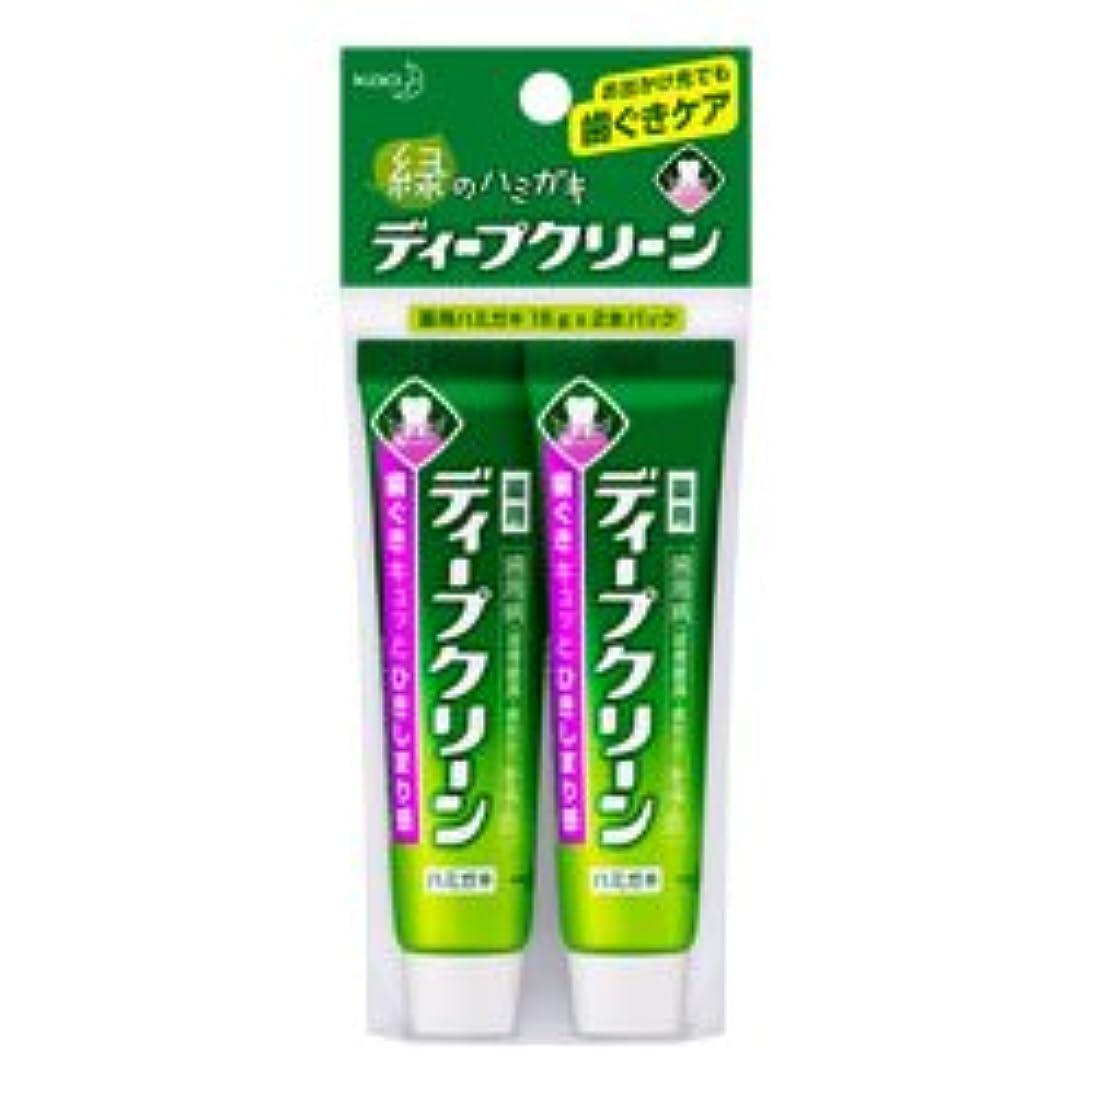 【花王】ディープクリーン 薬用ハミガキ ミニ 15g×2本 ×20個セット